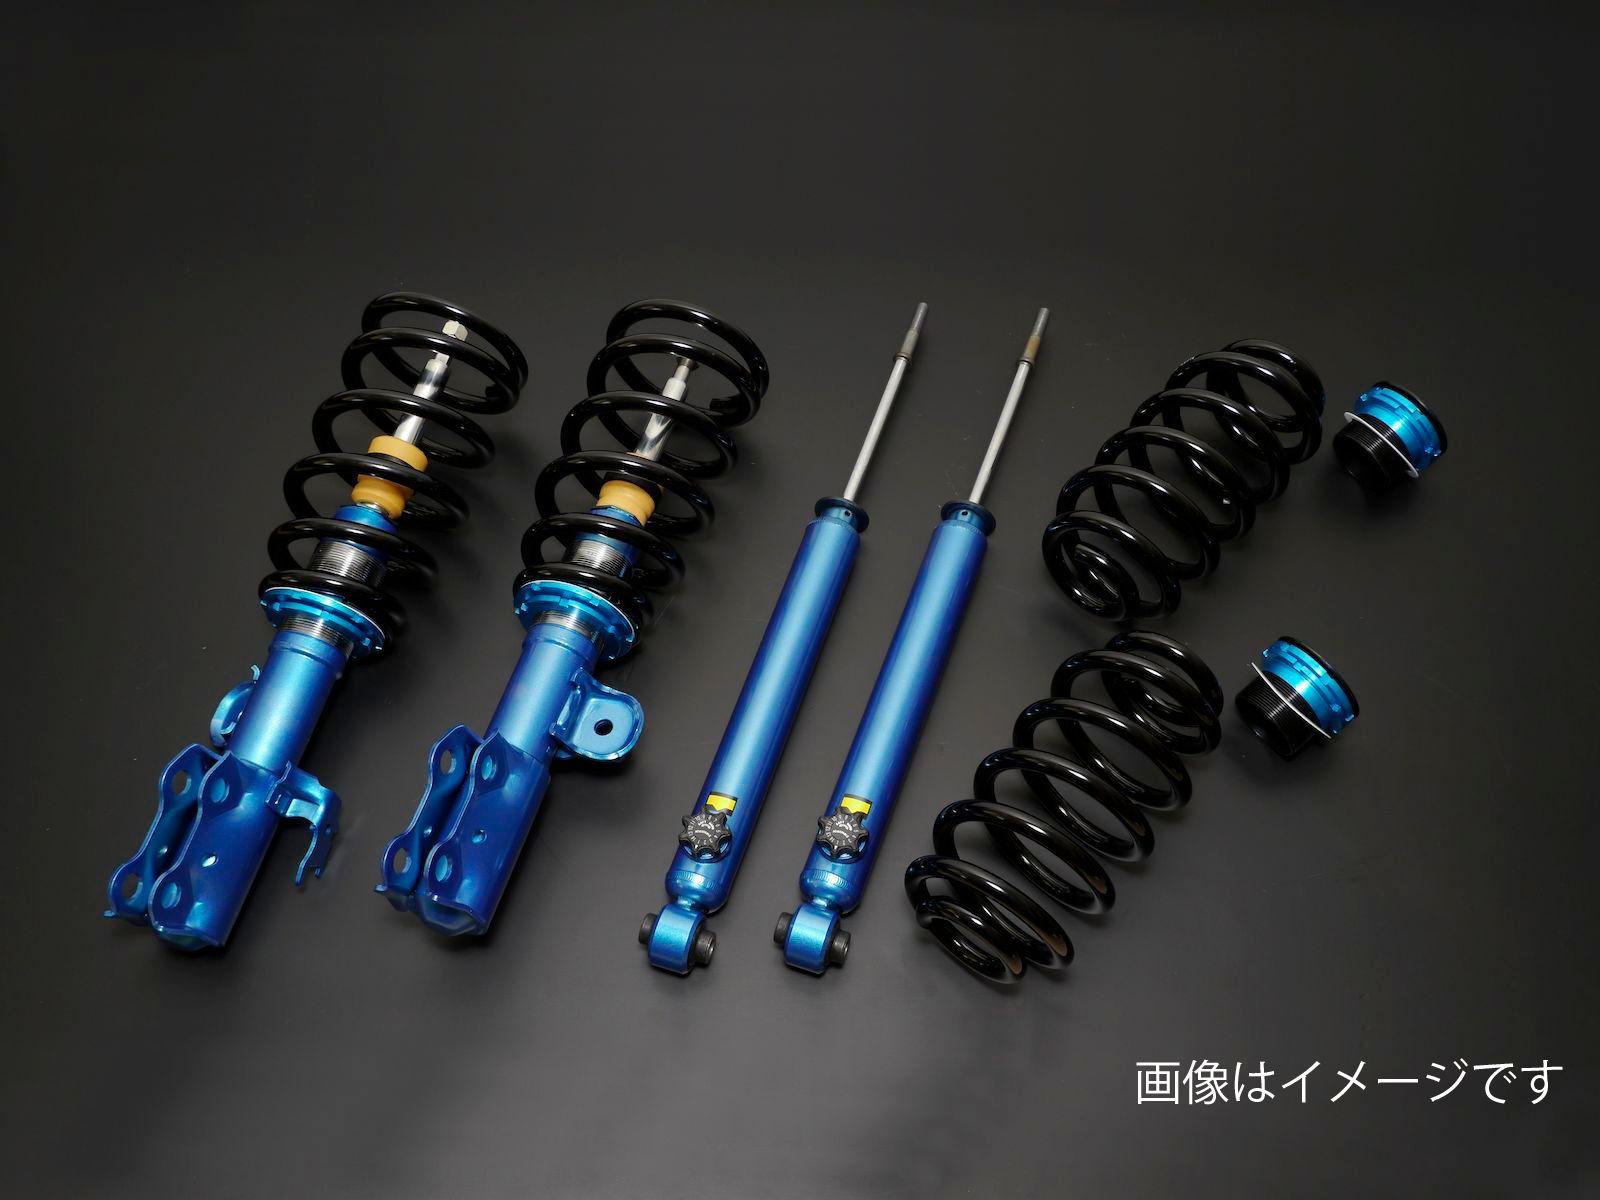 CUSCO(クスコ) 車高調キット street 日産 ピノ HC24S 2007.1-2010.2 商品番号:631 62K CBF